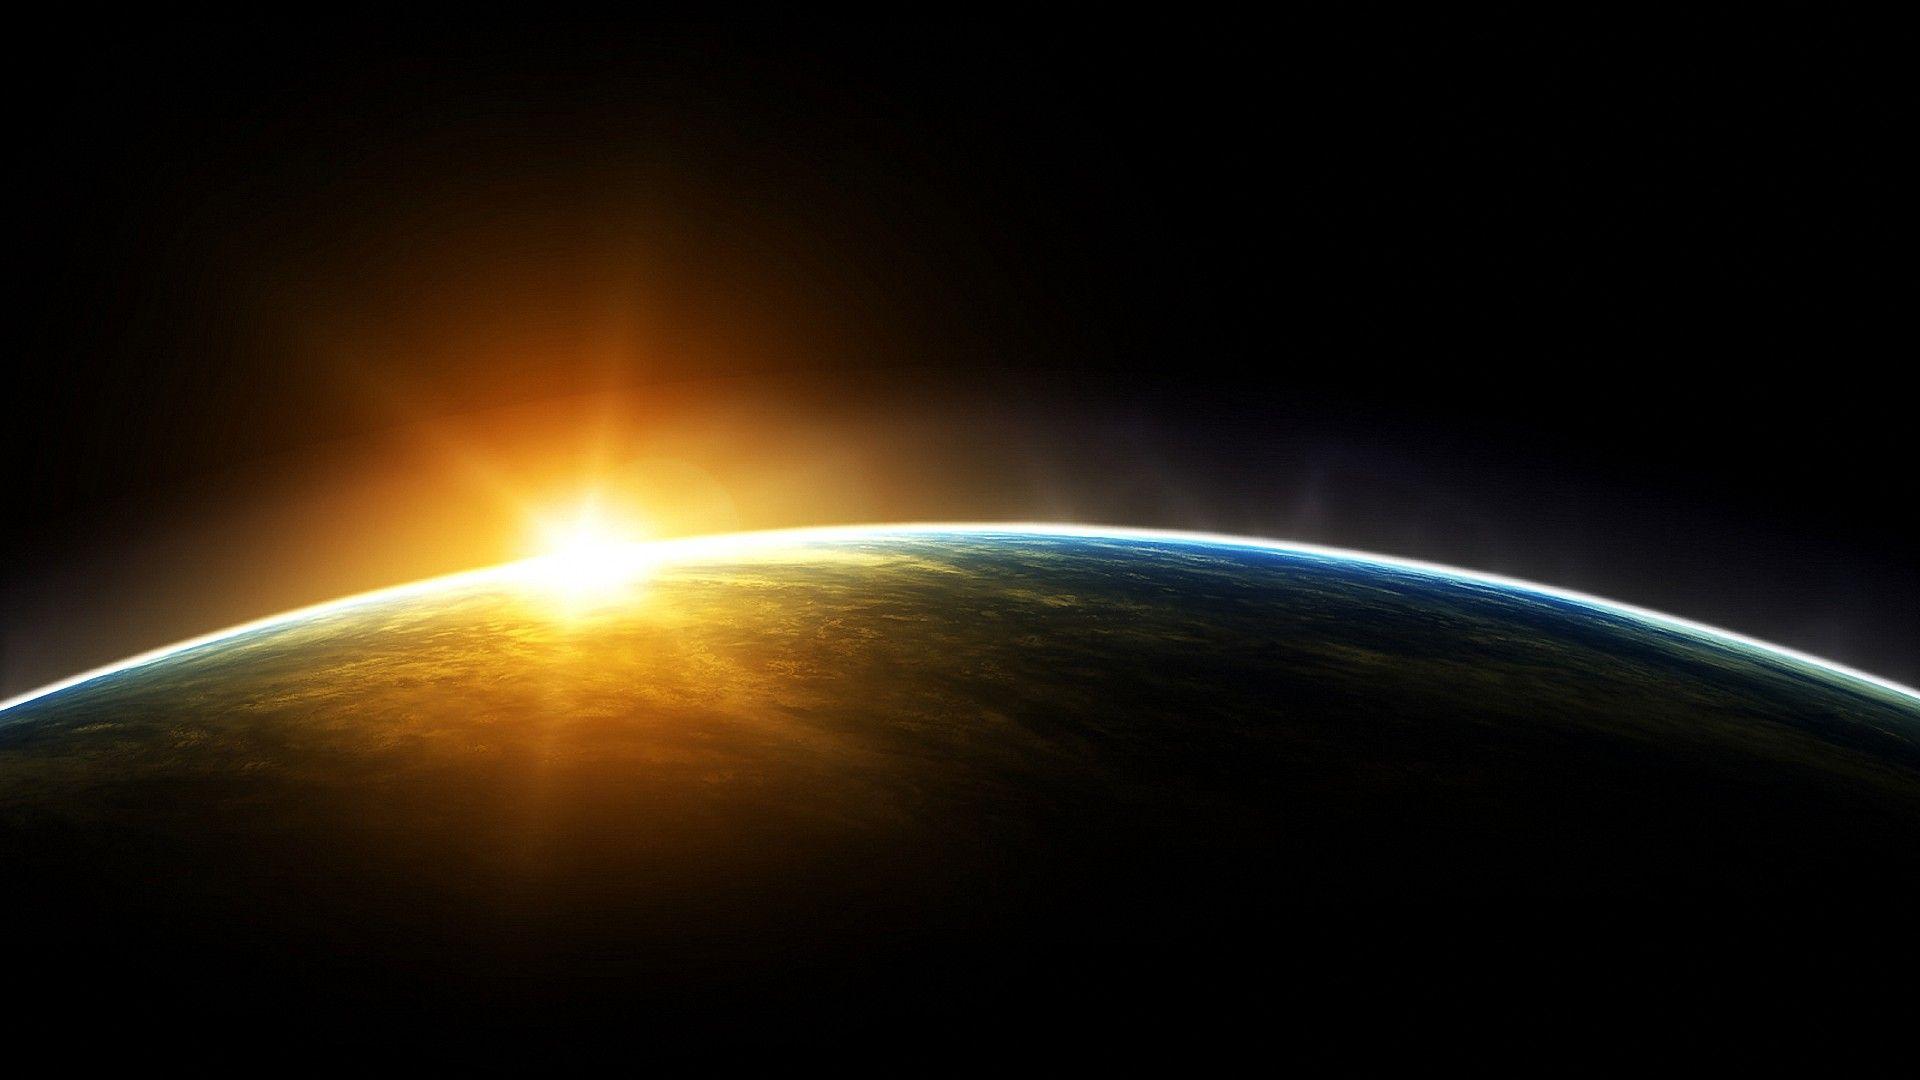 اذاعة مدرسية عن عالم الفضاء المرسال